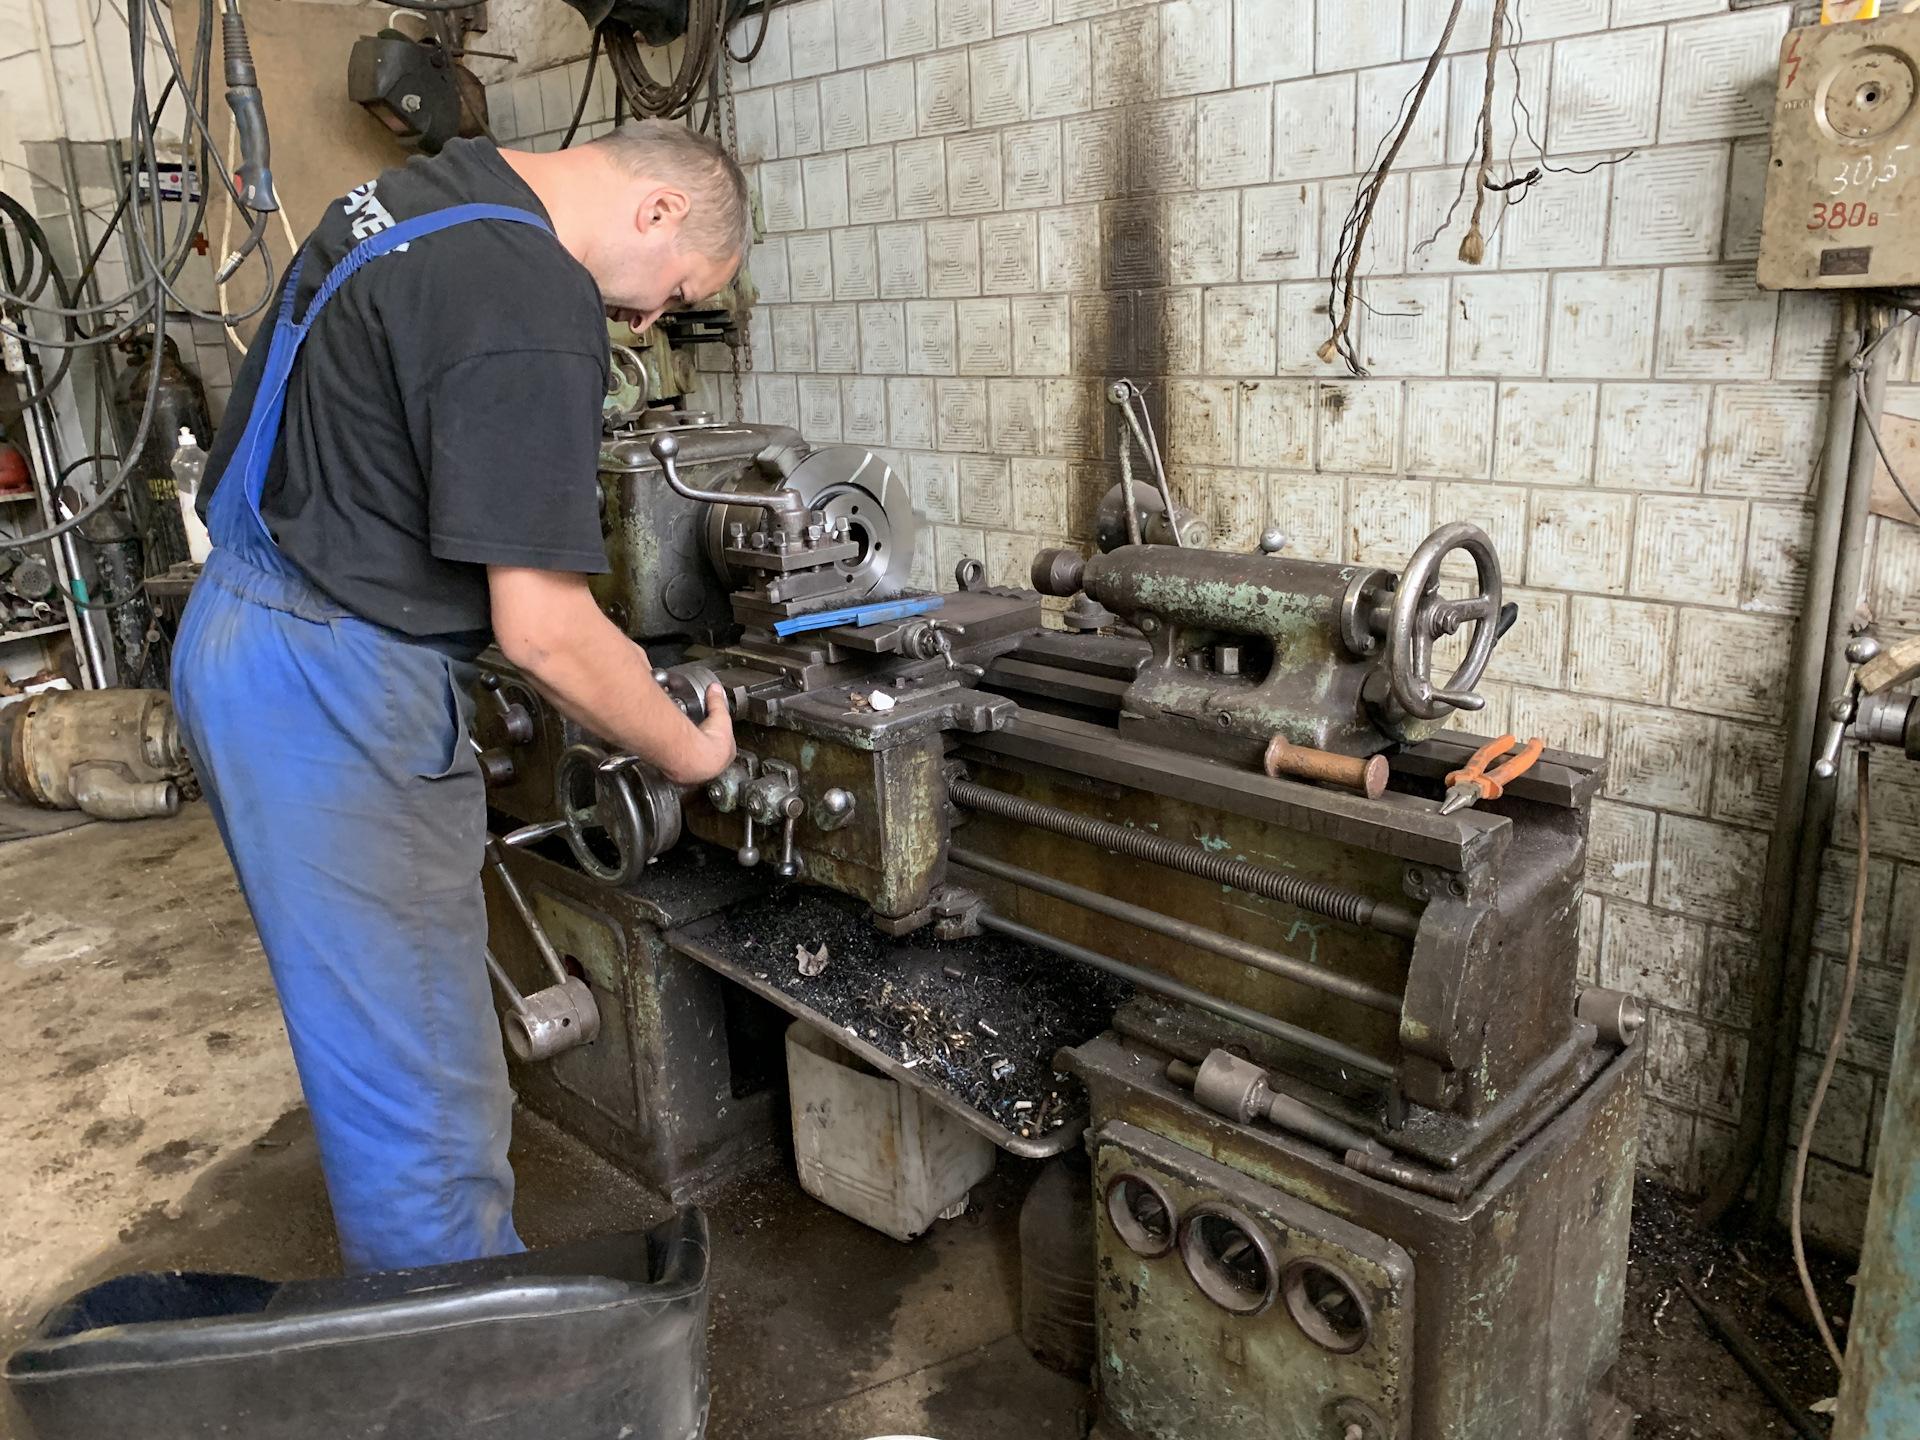 фотографиям, фото мастерских токарный цех частного сектора вакх бог виноградарства